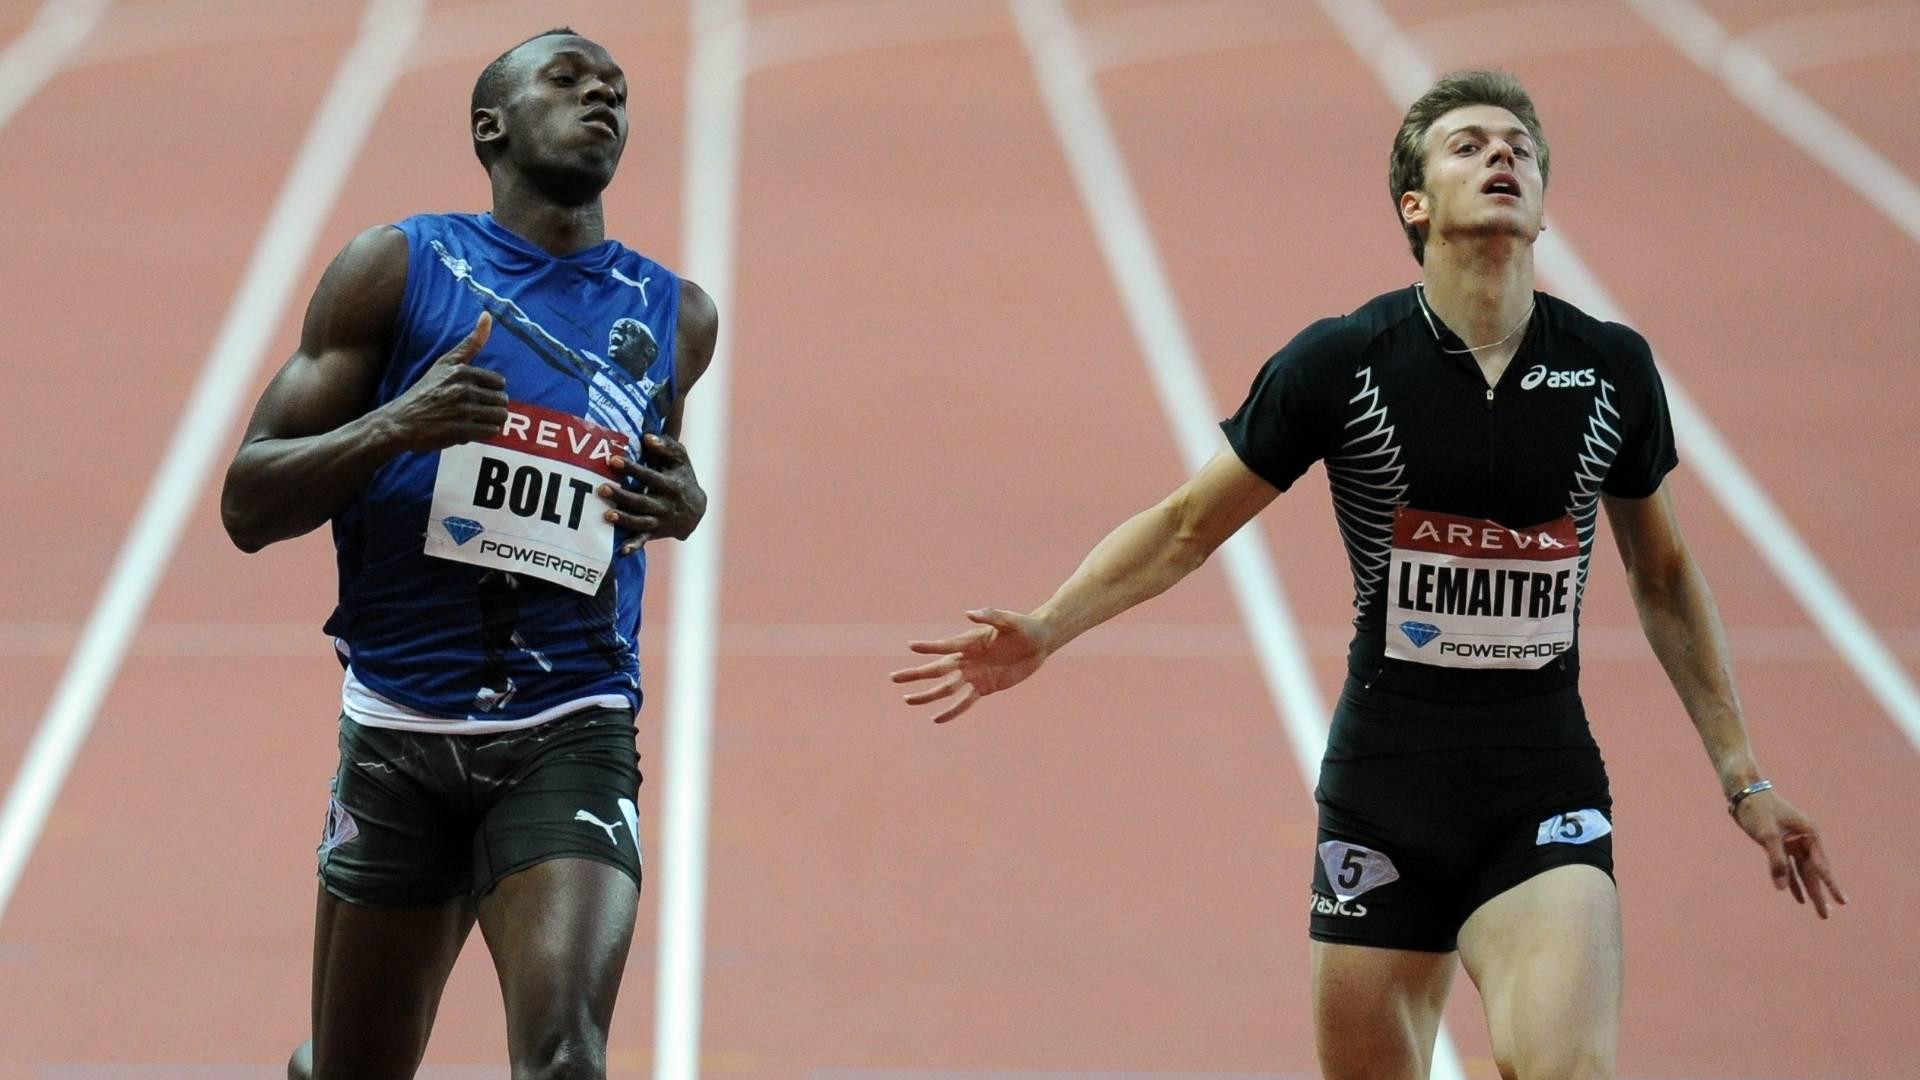 Usain Bolt (esquerda) venceu prova dos 200m na Liga de Diamante, seguido de C. Lemaitre (08/07/2011)